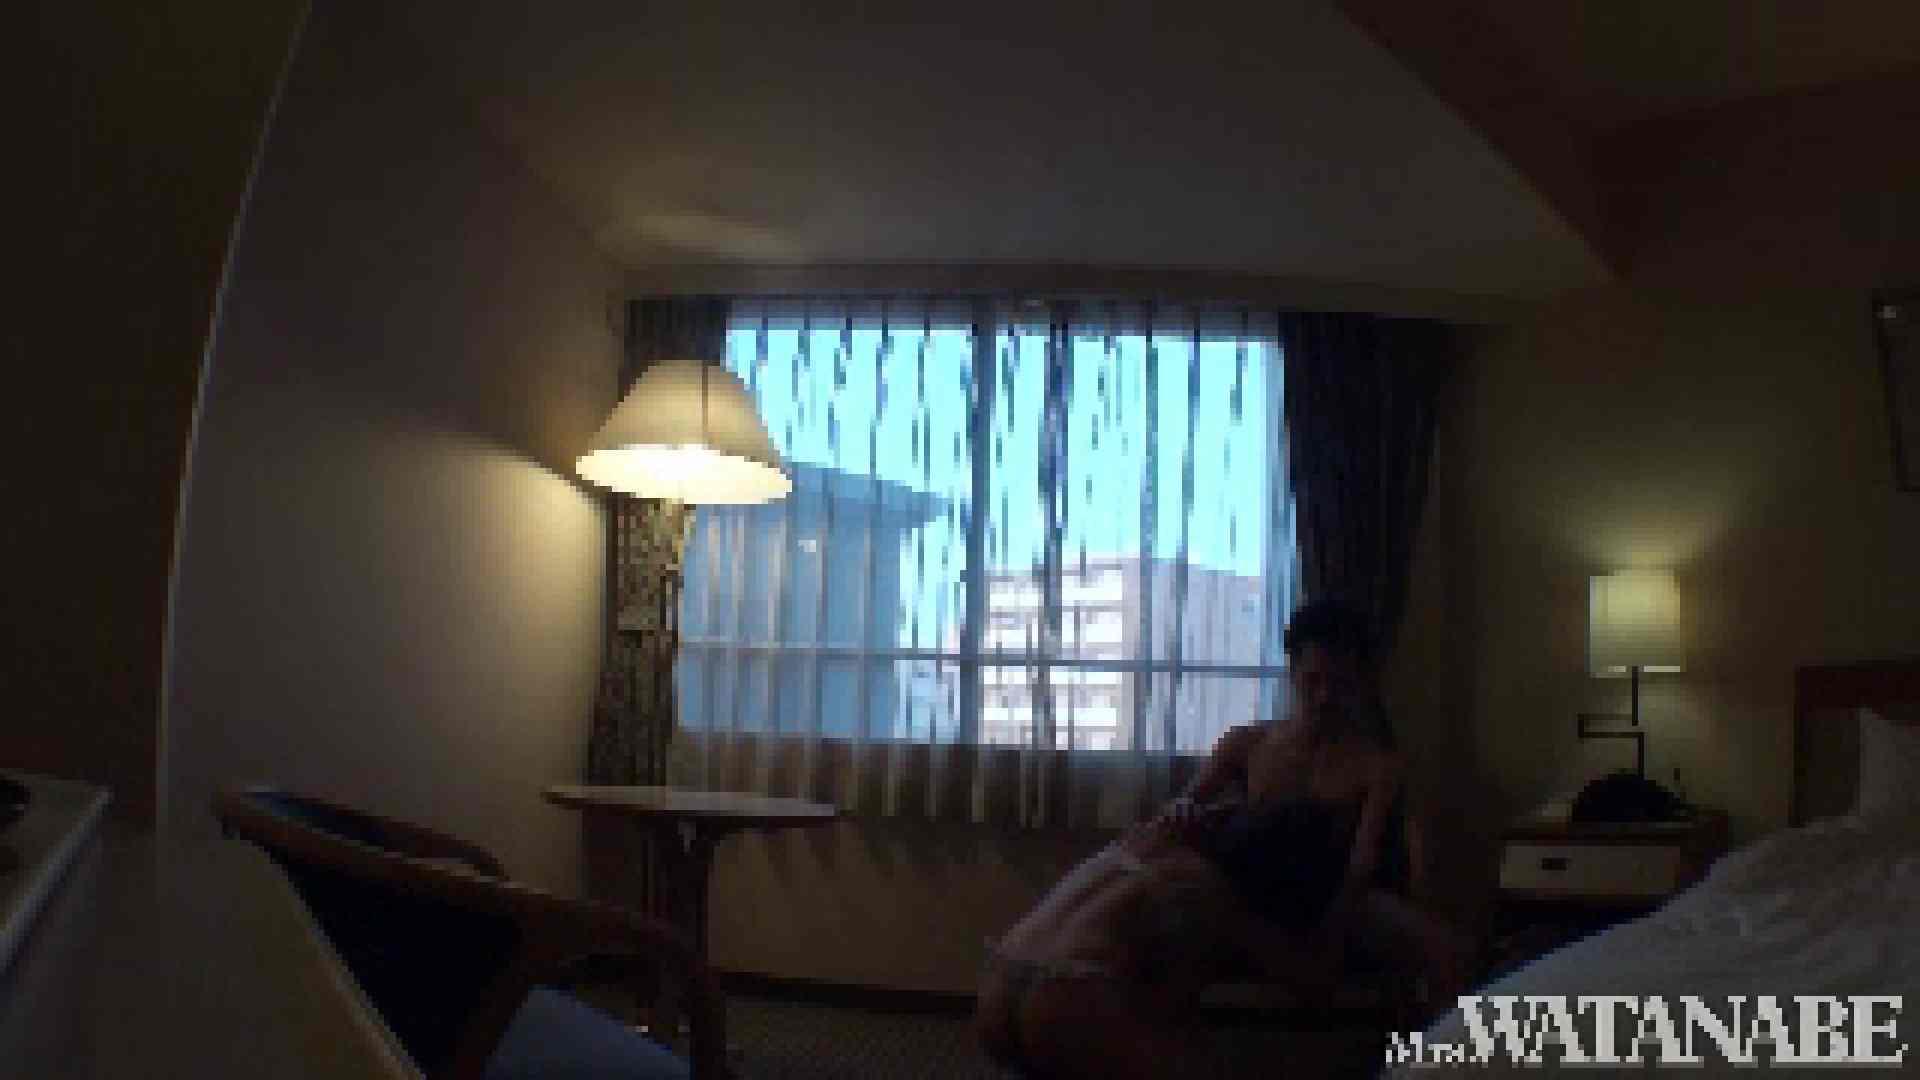 撮影スタッフを誘惑する痴熟女 かおり40歳 Vol.03 OLのエッチ  93pic 52